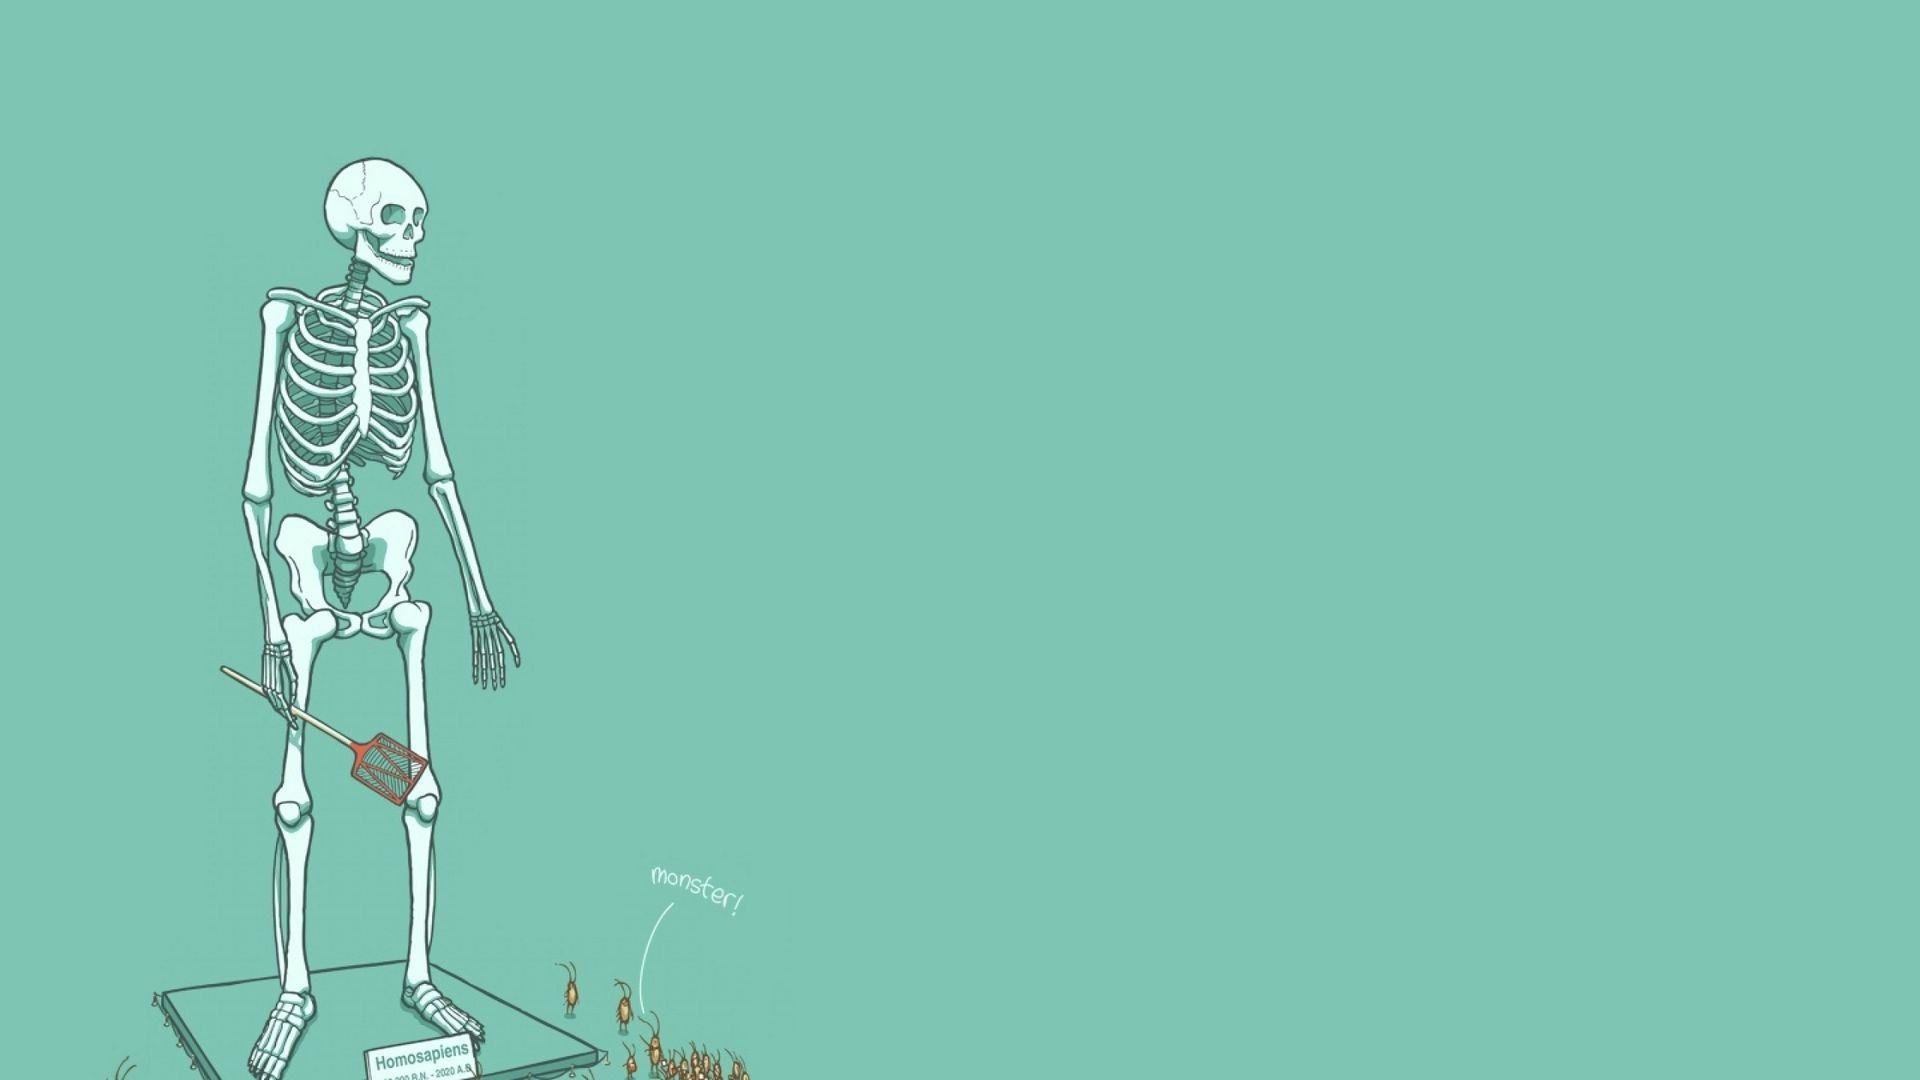 Wallpapers Minimalism Skeleton